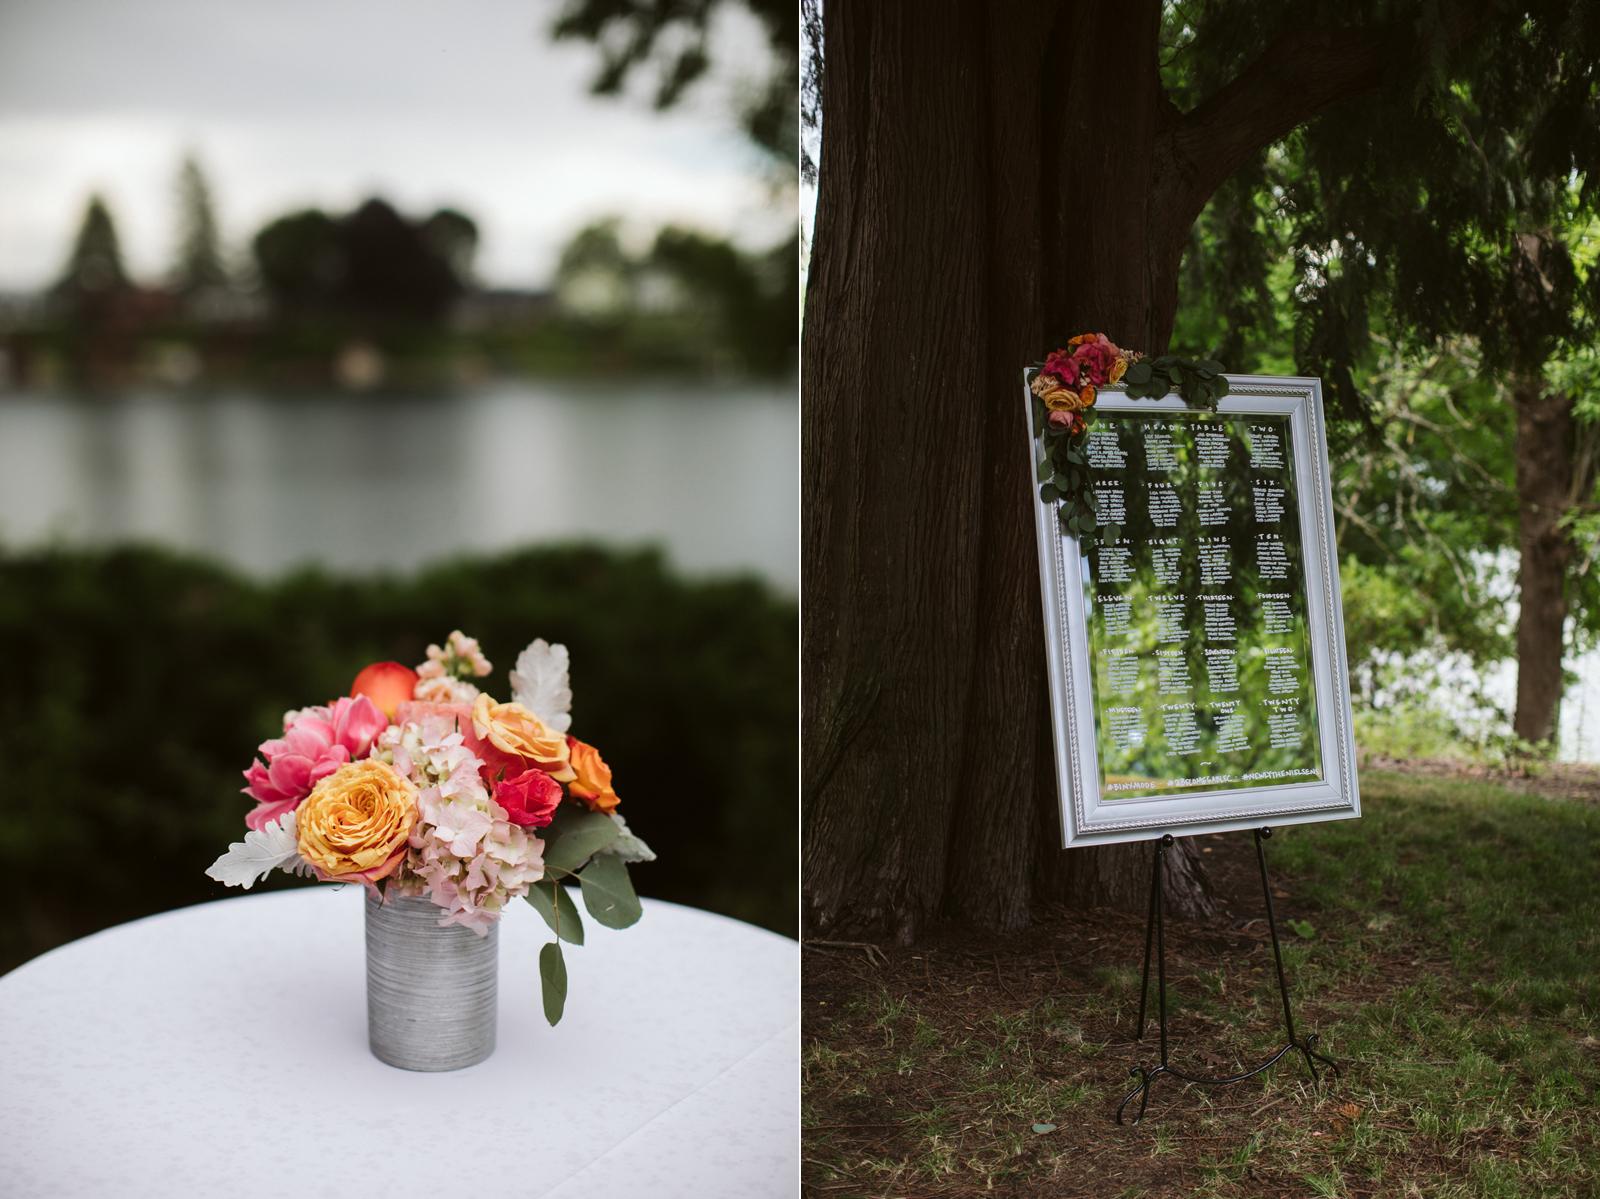 025-daronjackson-gabby-alec-wedding.jpg